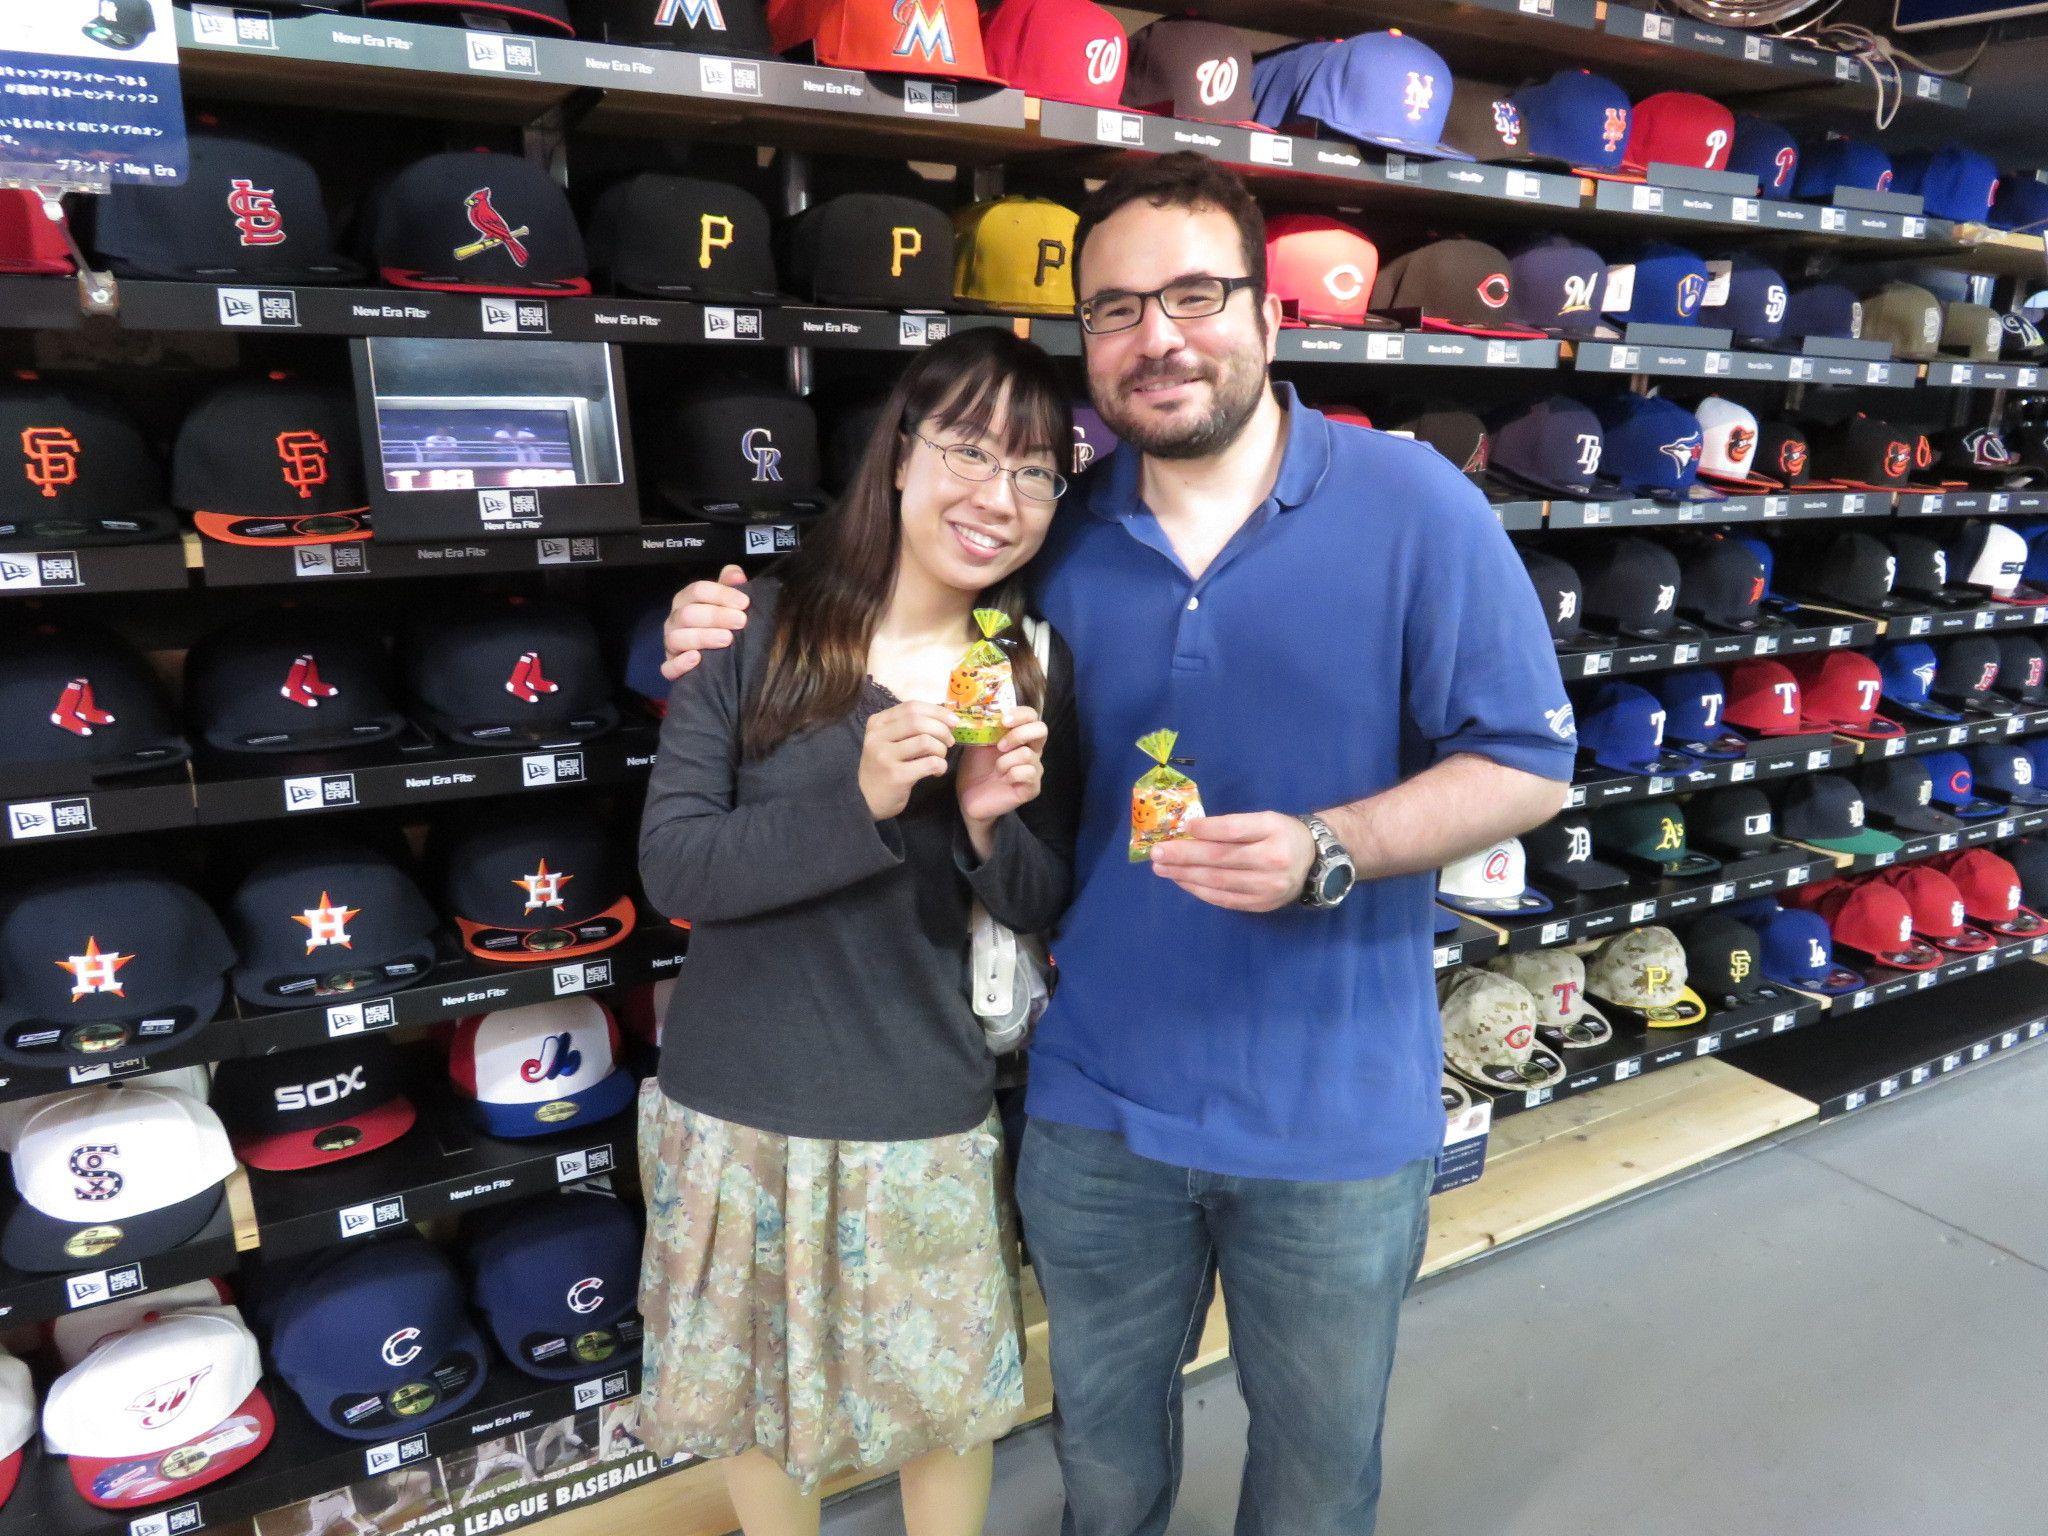 【新宿1号店】2014.10.09 コロンビアからお越しのお客様になります。お土産のベイスターズのユニフォームは喜んでもらえたでしょうか?またのご来店お待ちしております☆